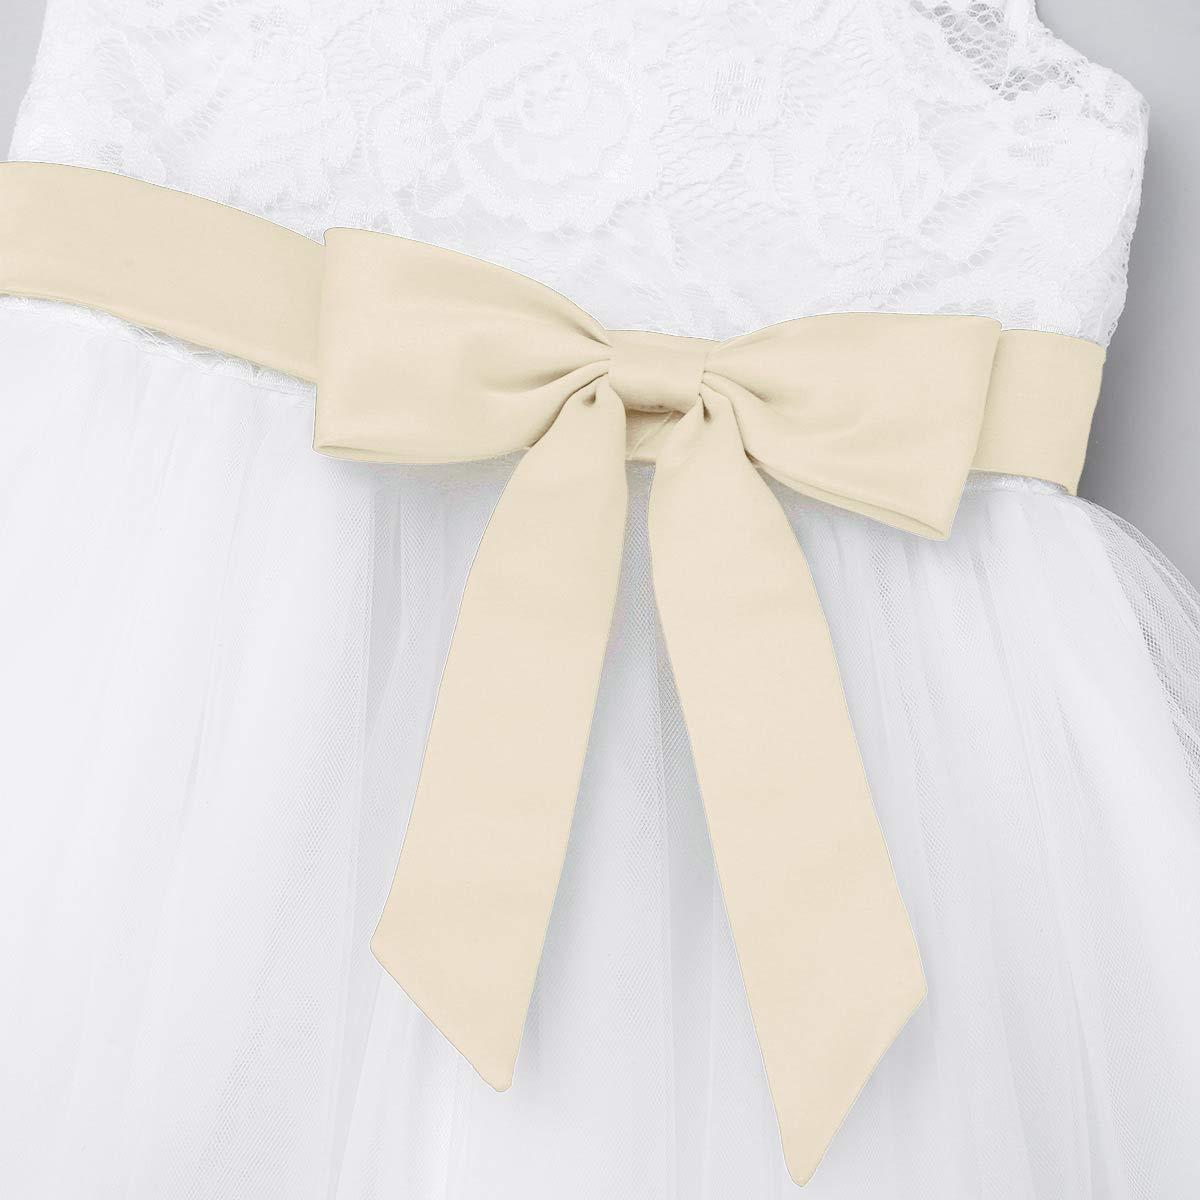 FEESHOW Baby M/ädchen Kleider Spitzen Prinzessin Blumen T/üll Hochzeits Kleider Taufkleid Sommer Wei/ß Gr/ö/ße 62-98